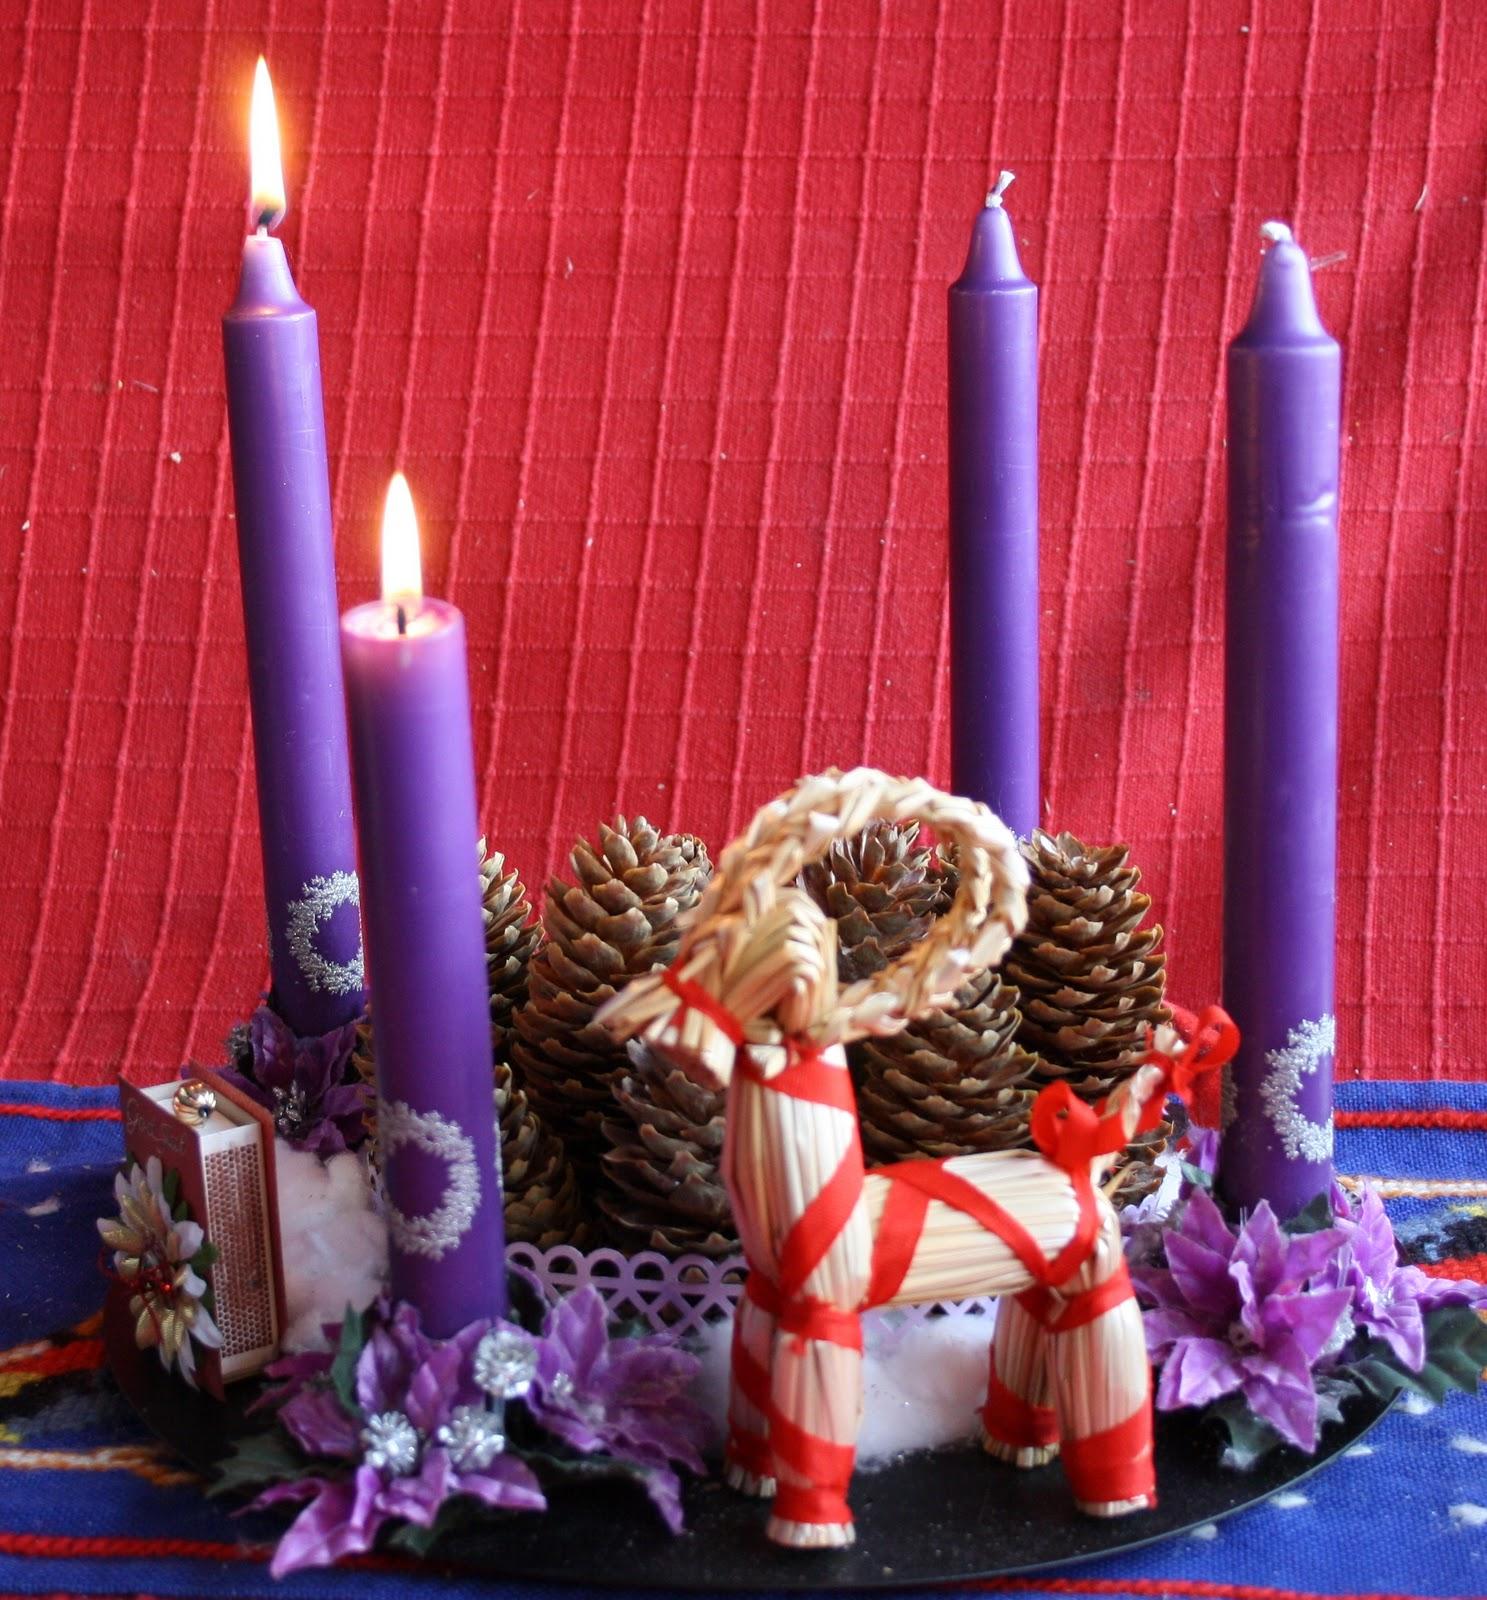 bodils hobbyblogg kalenderpakker vaktkatt og advent. Black Bedroom Furniture Sets. Home Design Ideas